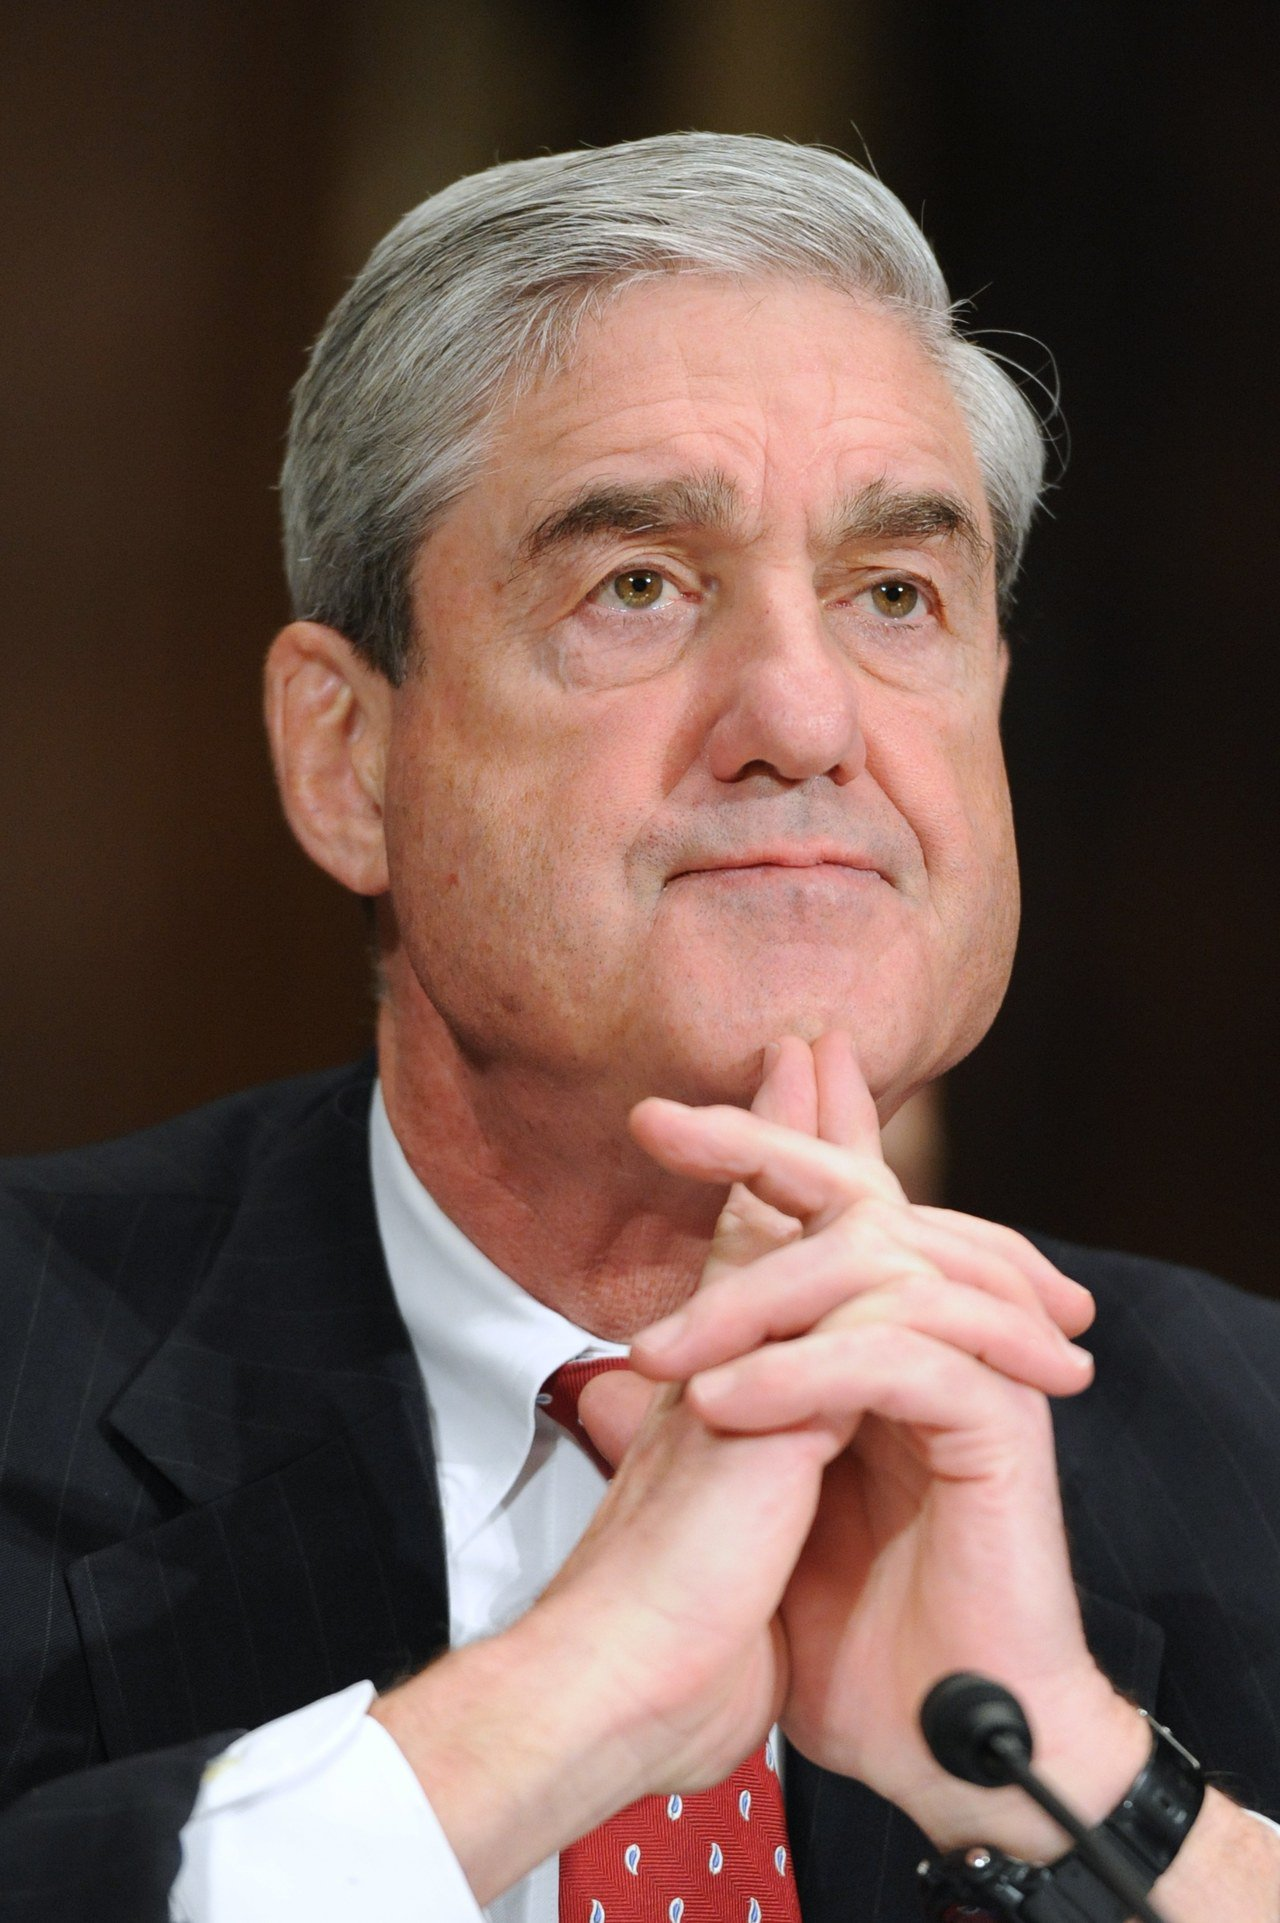 穆勒調查川普與德意志銀行往來,白宮否認。 歐新社